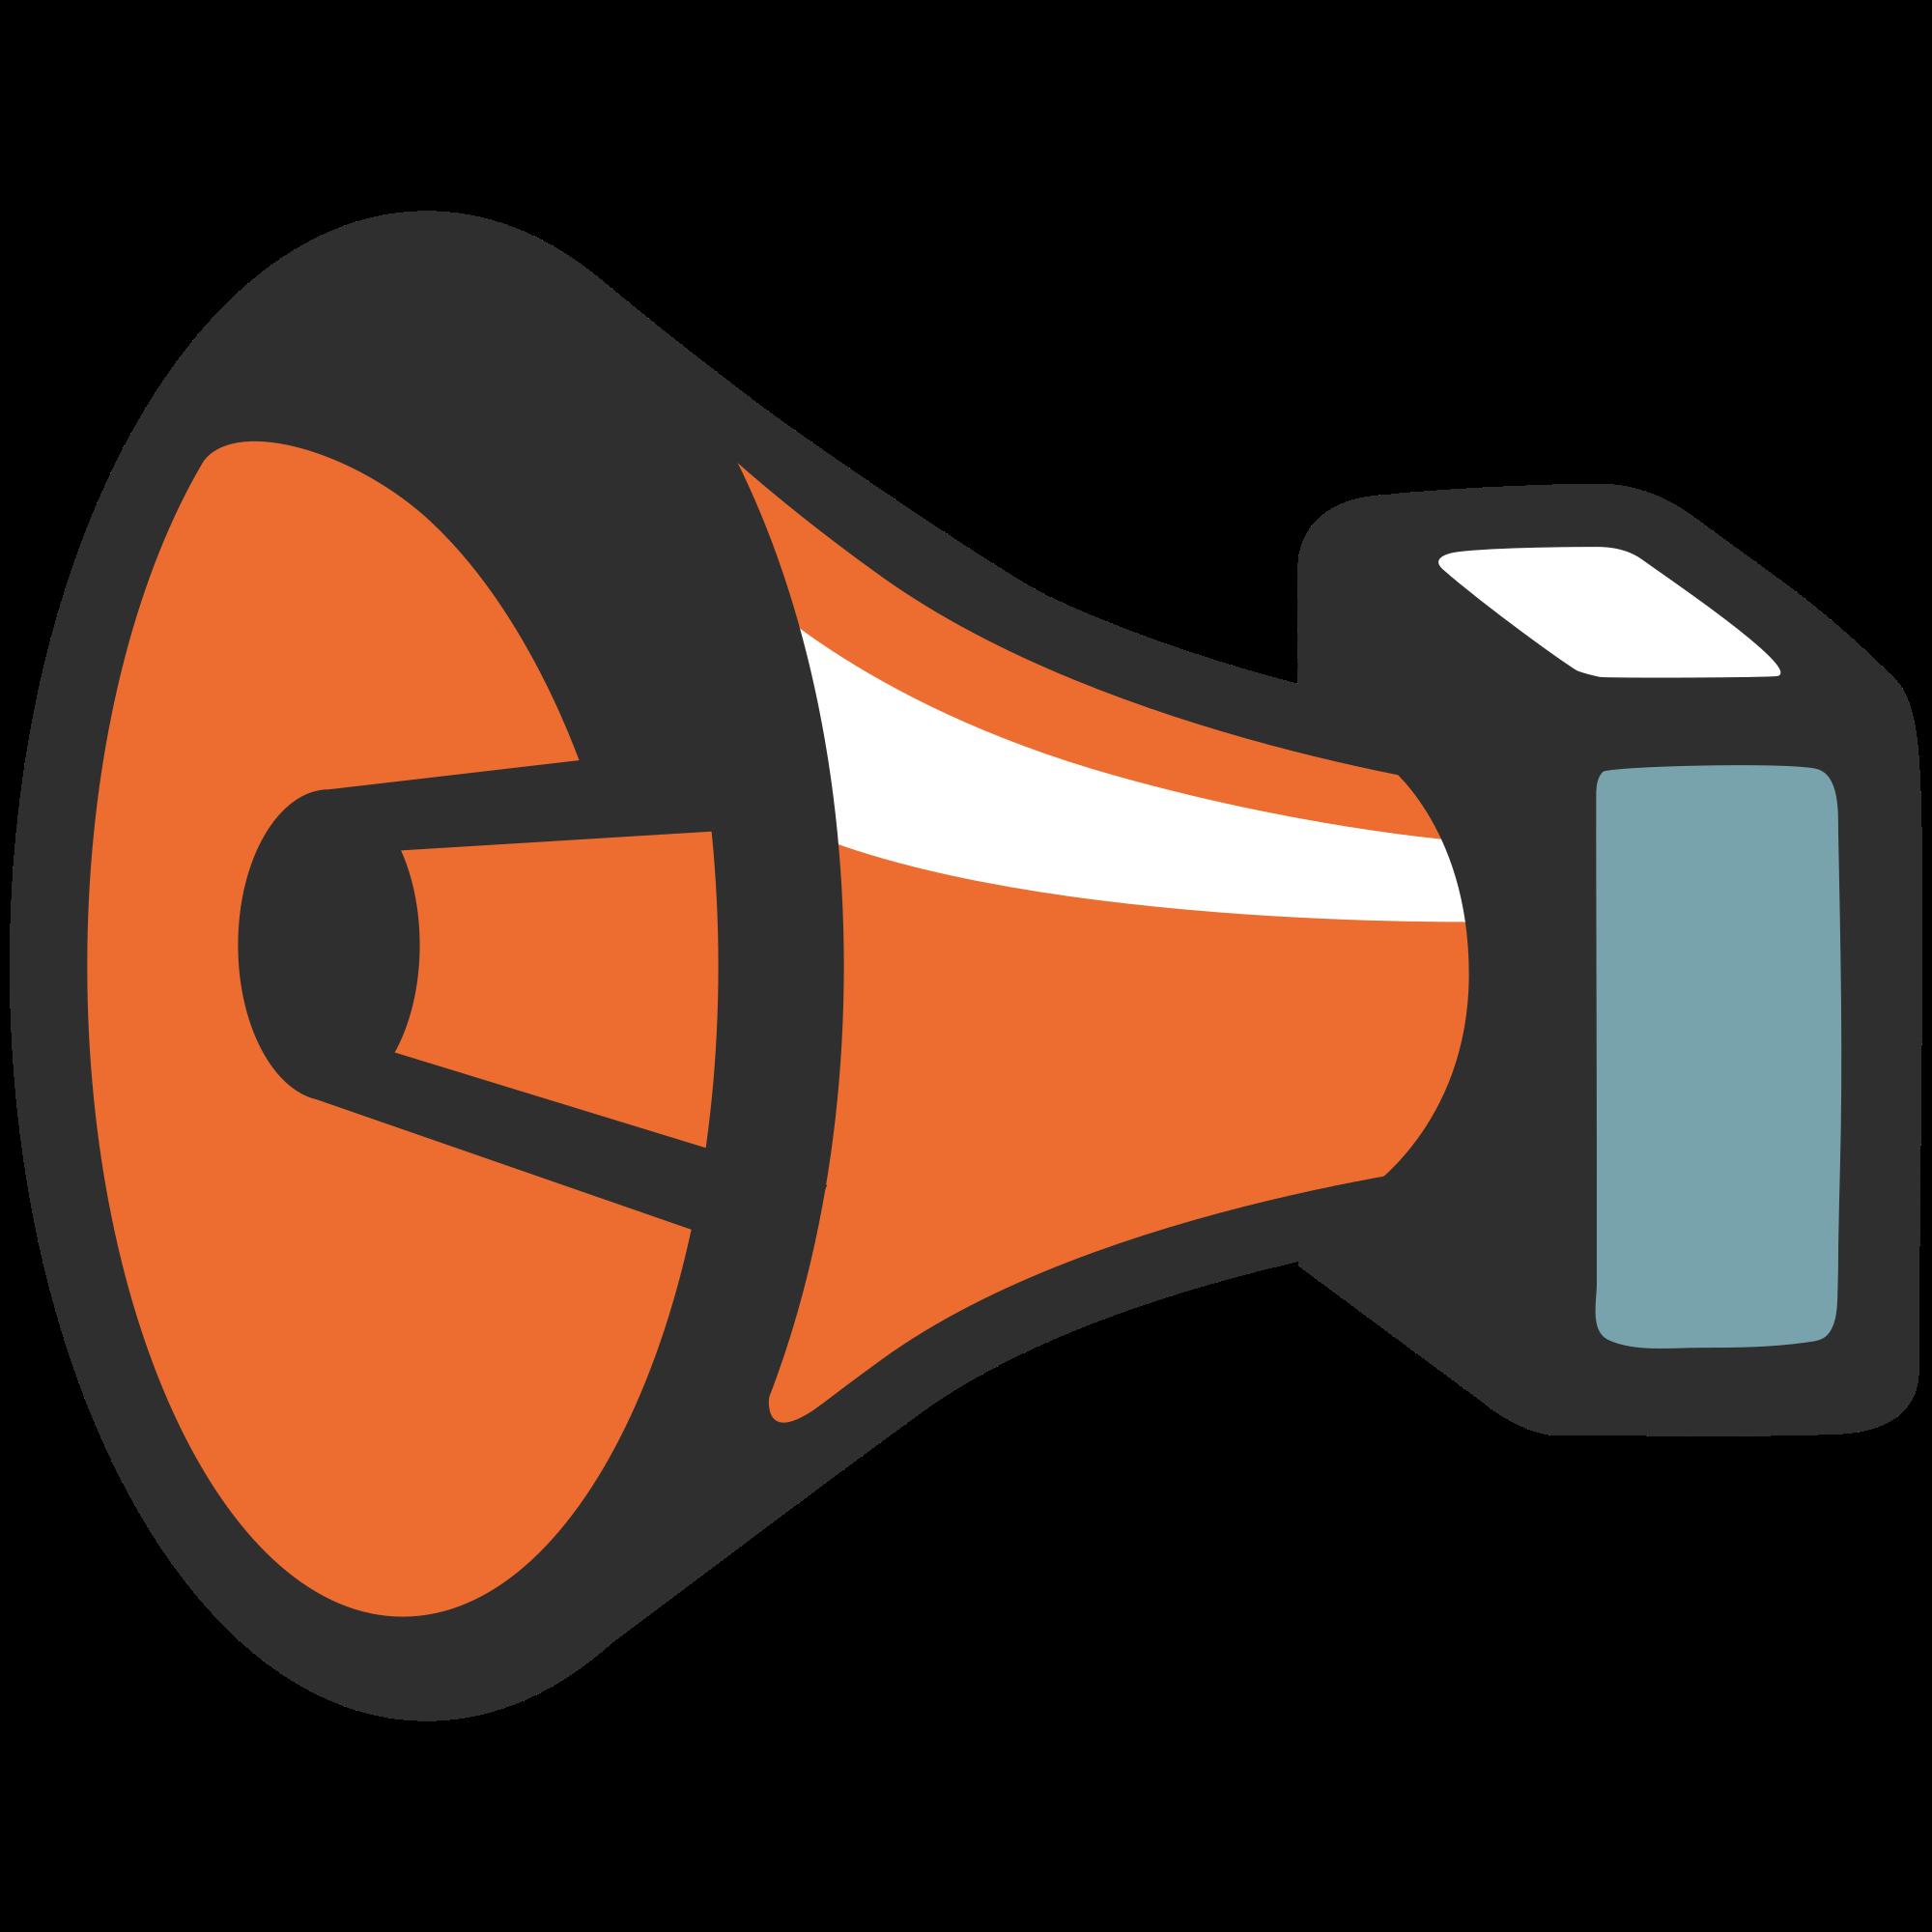 File u f e. Megaphone clipart emoji